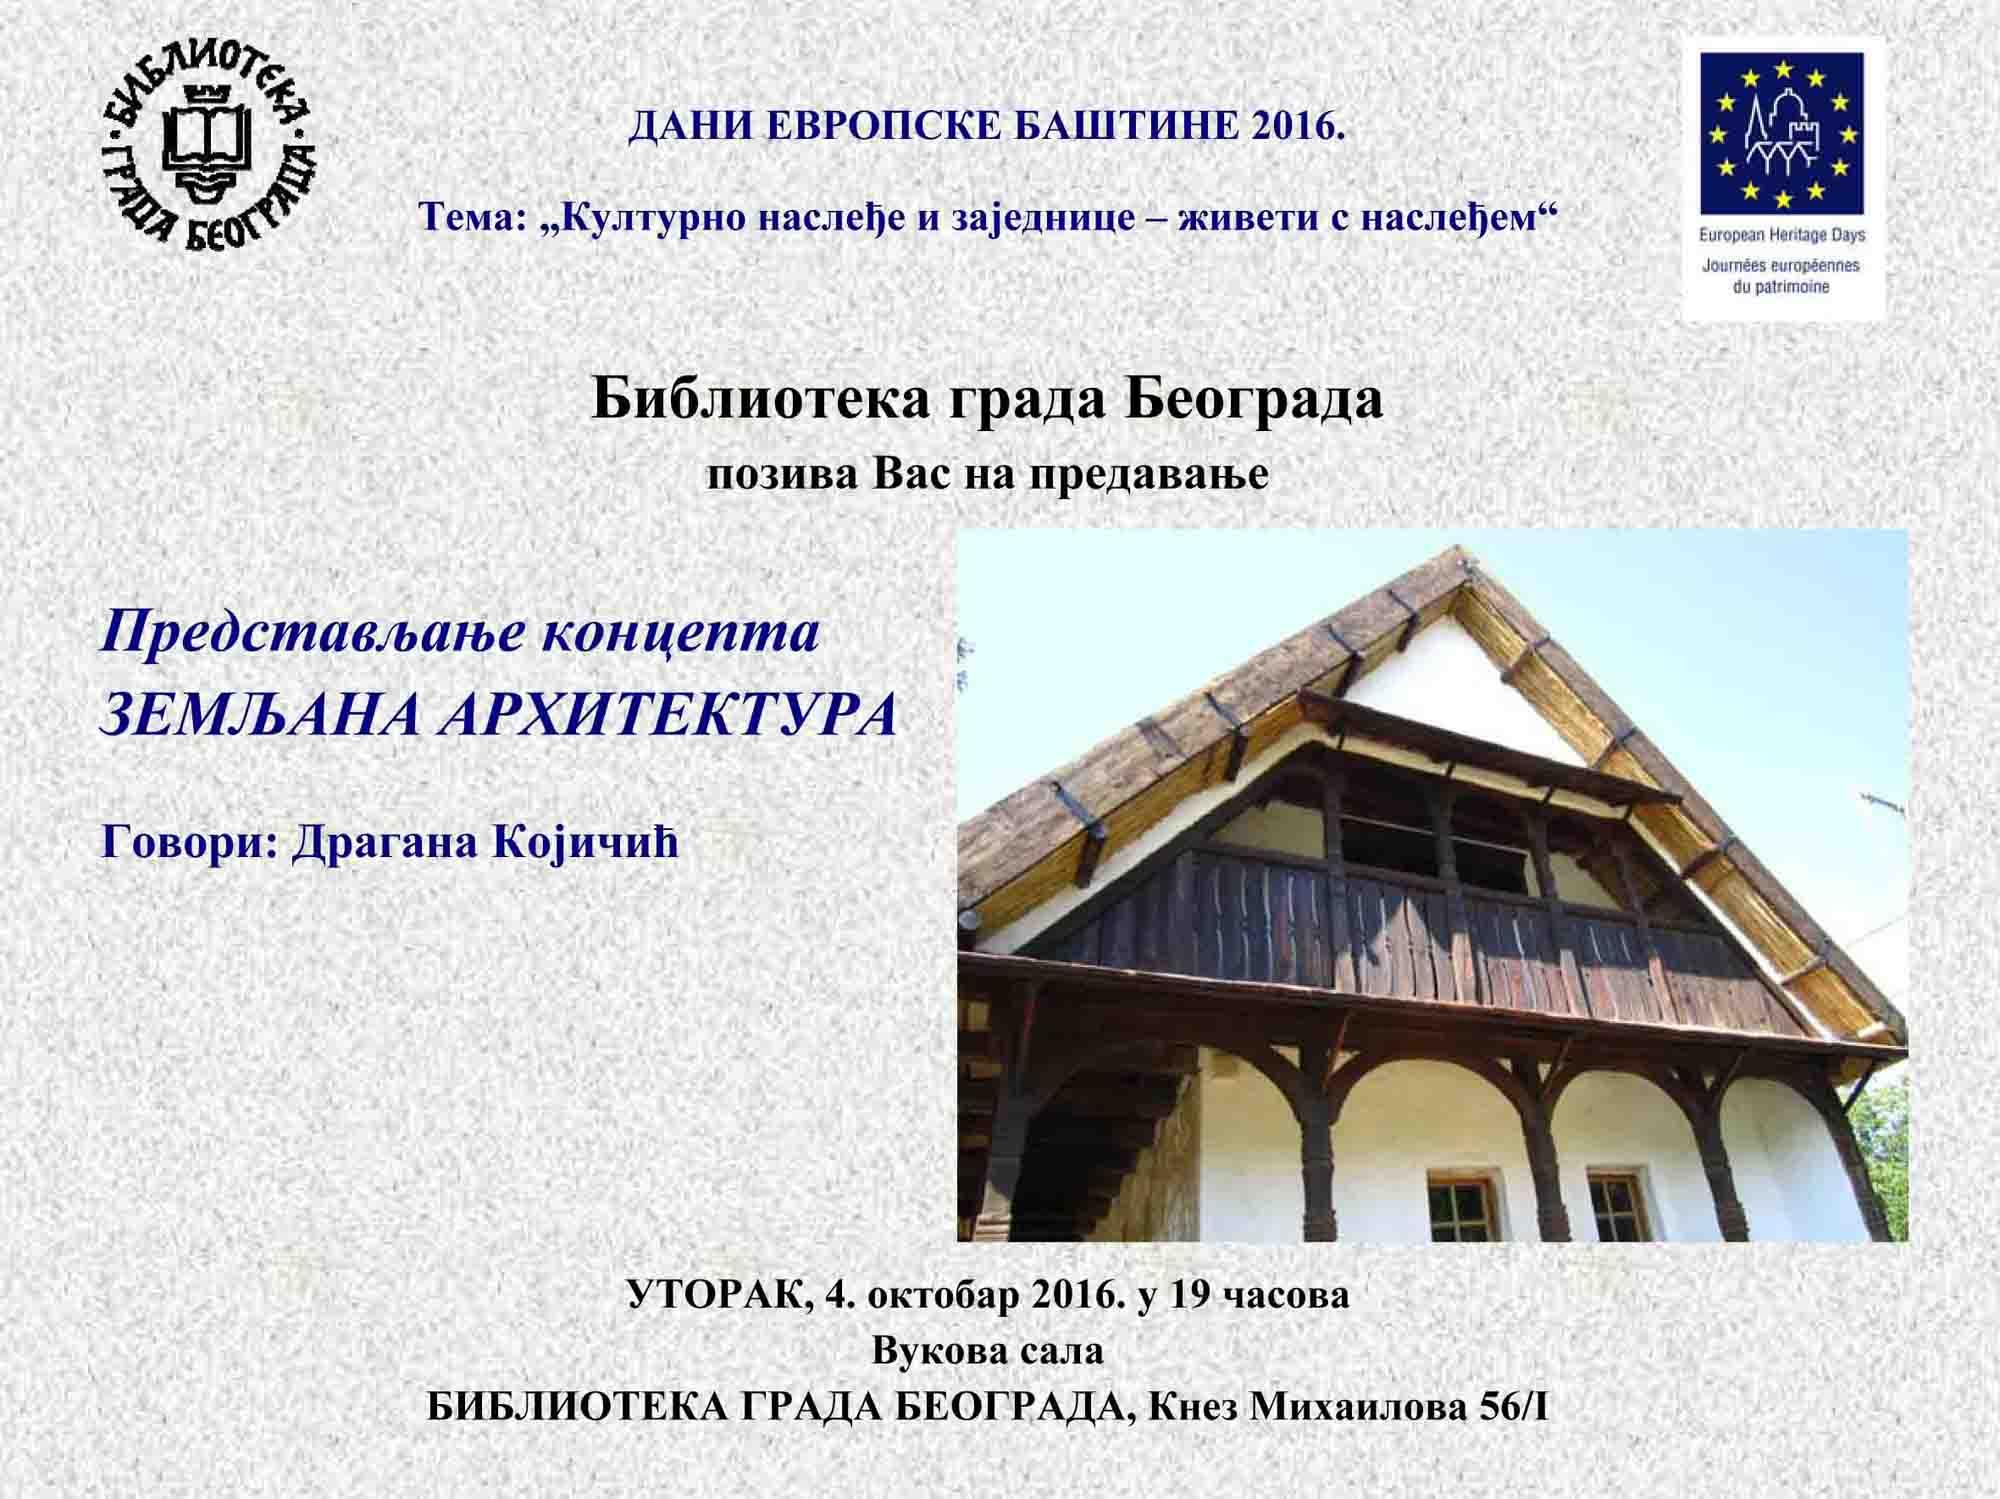 pozivnica-zemljana-arhitektura